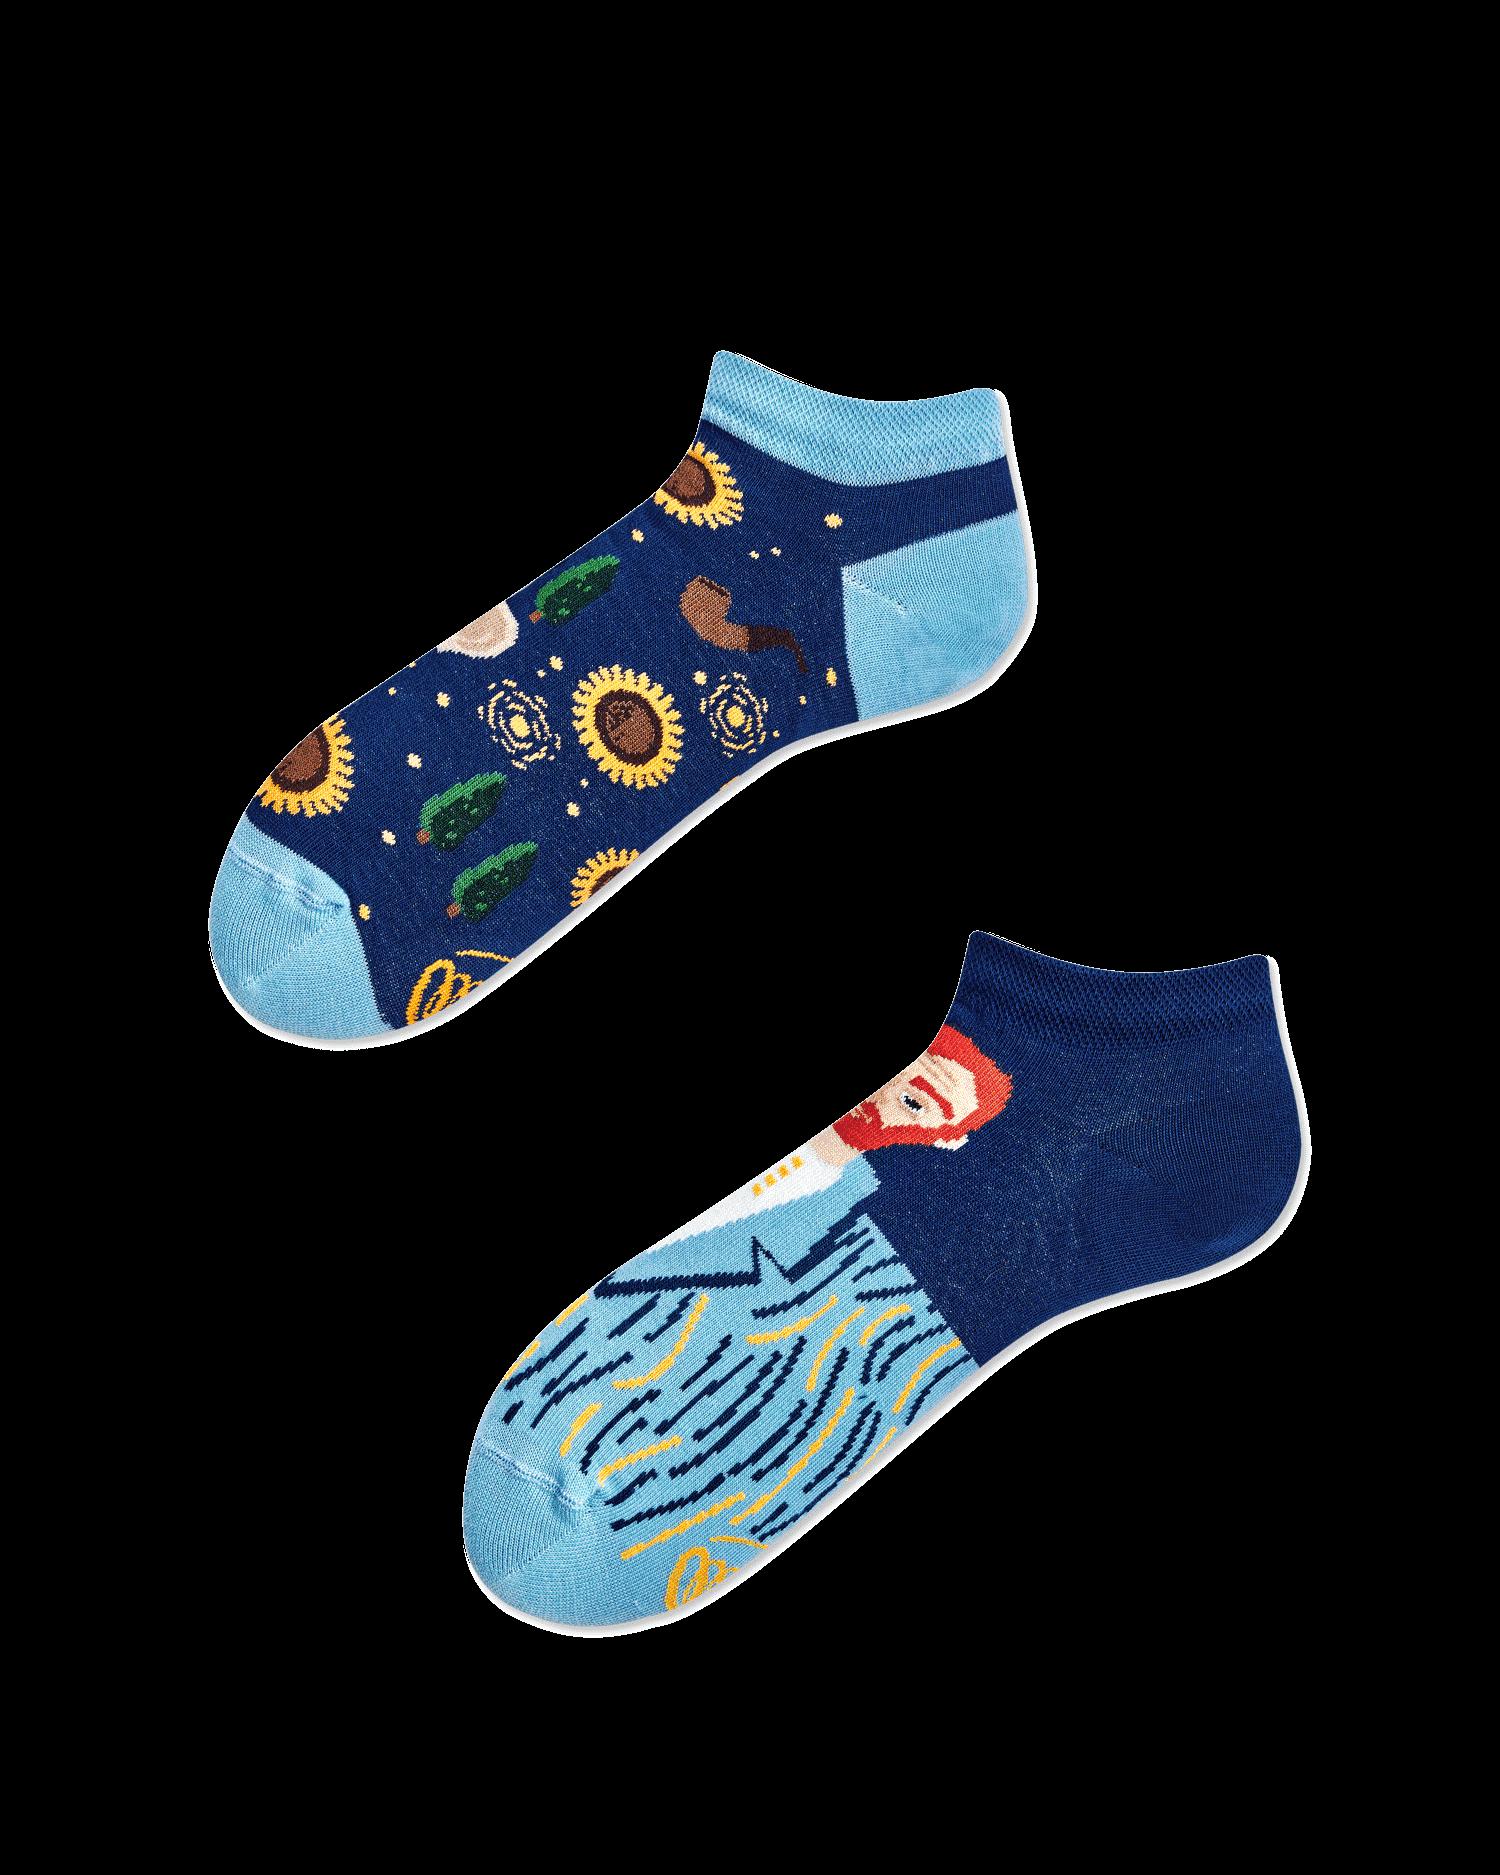 TRUE VINCENT LOW - Vincent low socks